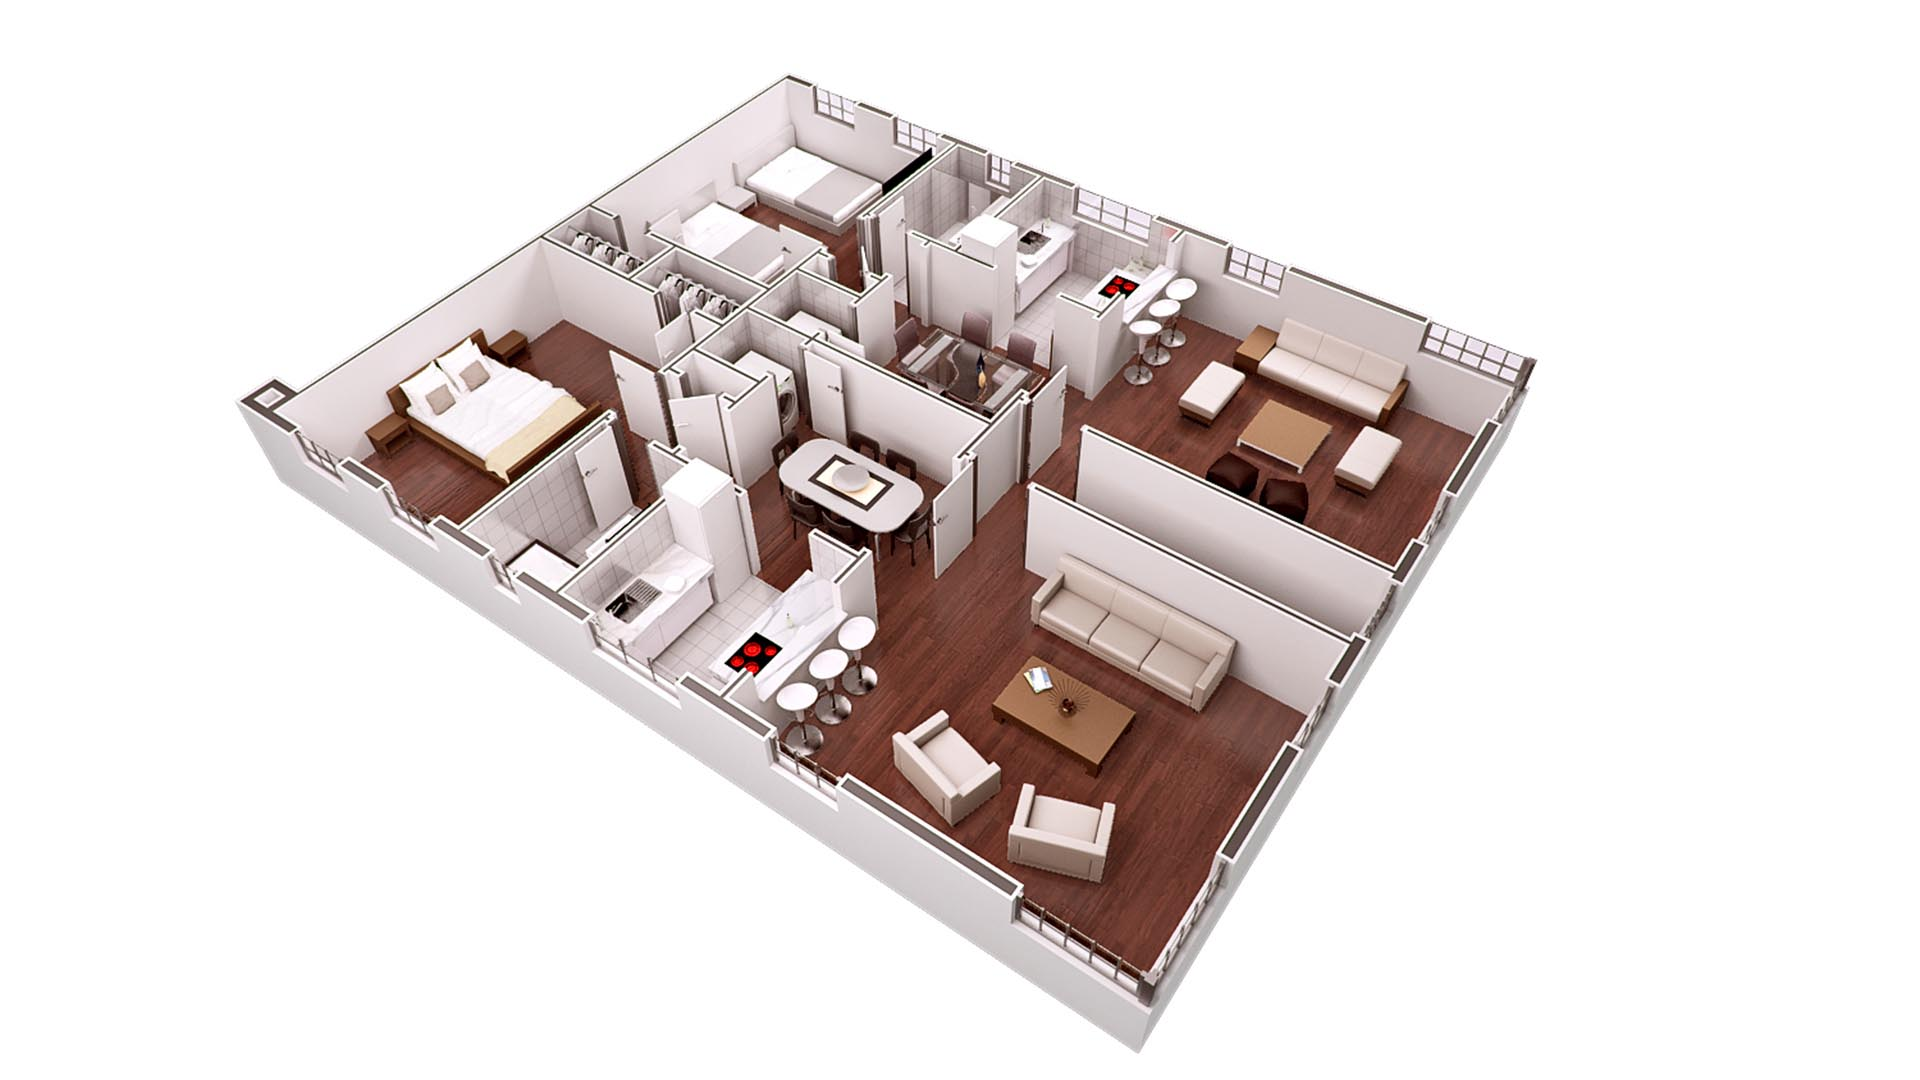 3D Render Floor Plan 3